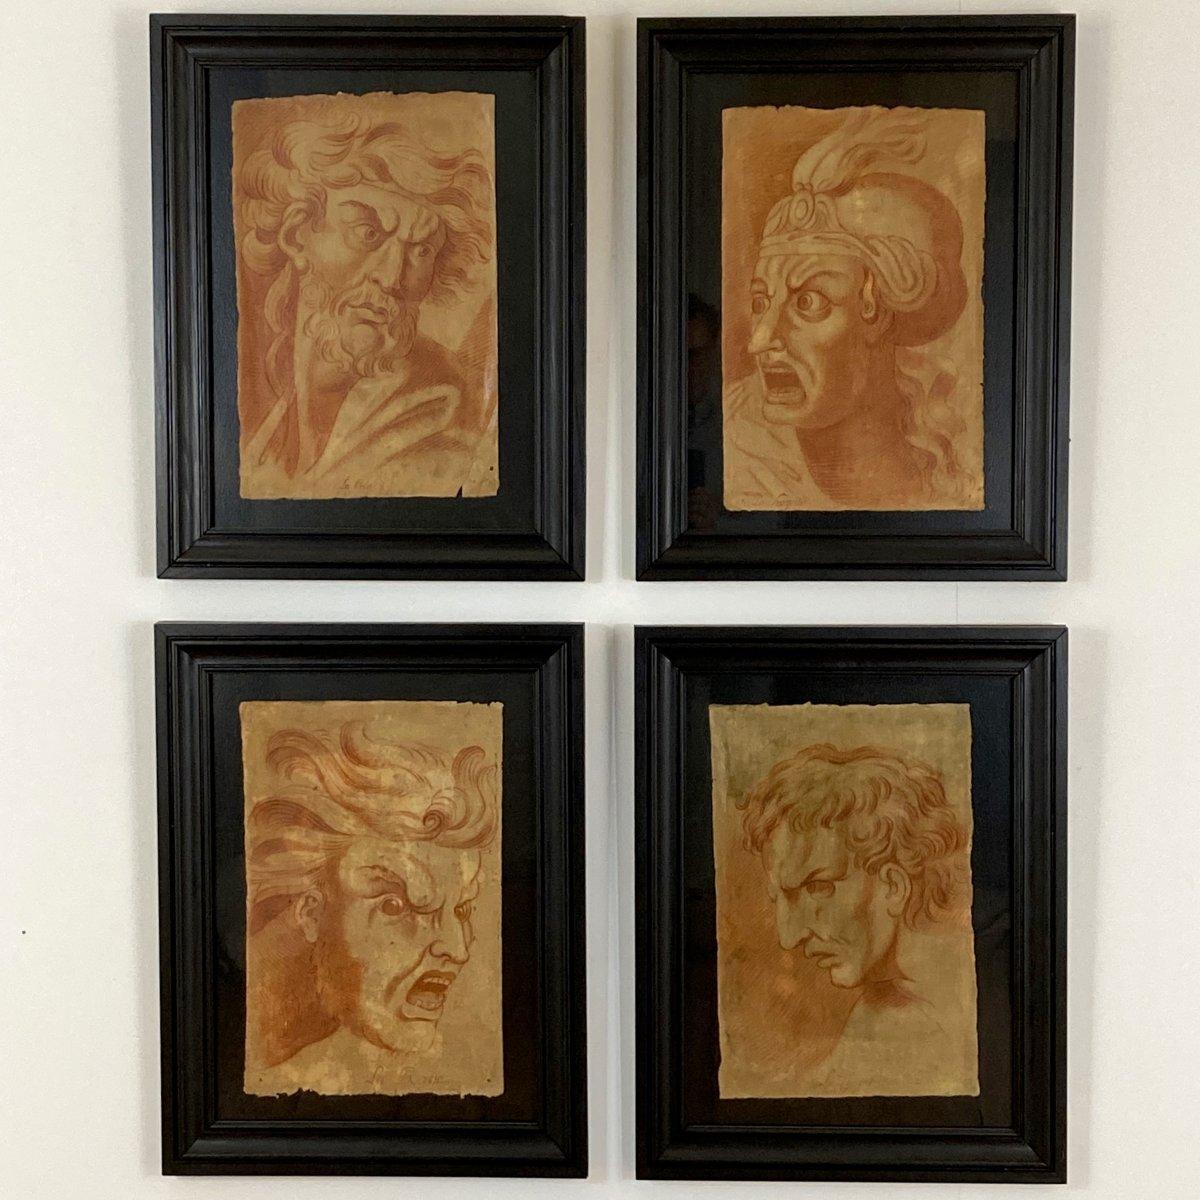 Suite De 4 études De Portraits XVIII